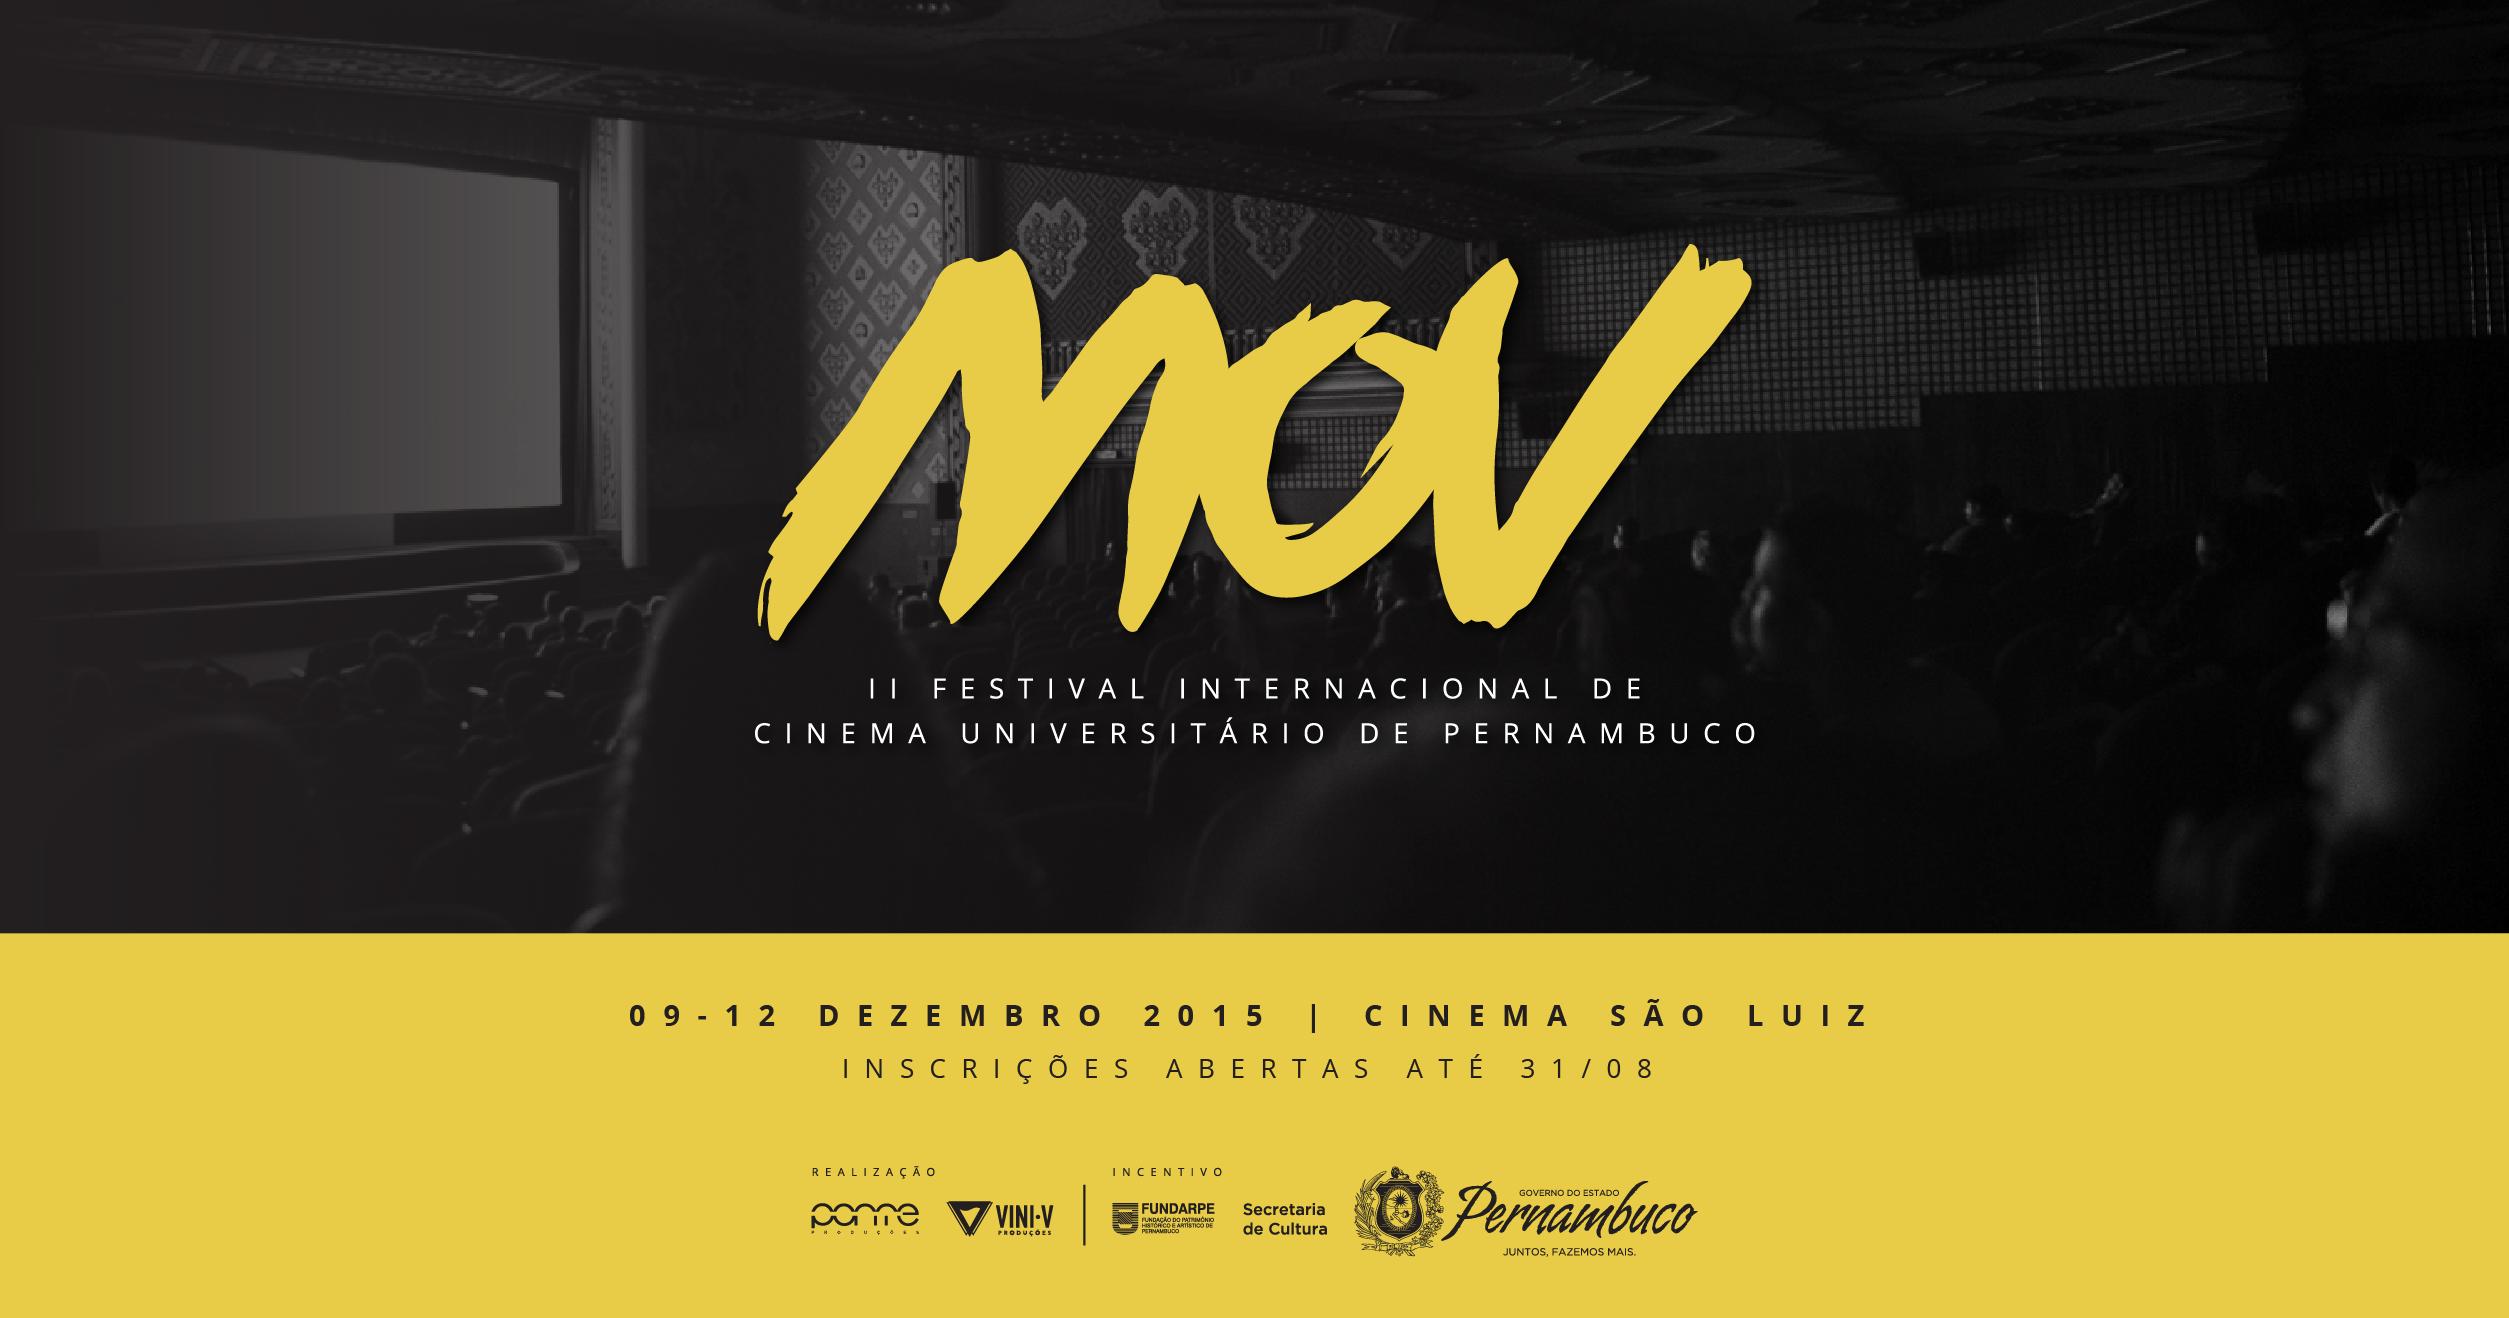 Inscrições para MOV II Festival Internacional de Cinema Universitário de Pernambuco vão até o dia 31 de agosto